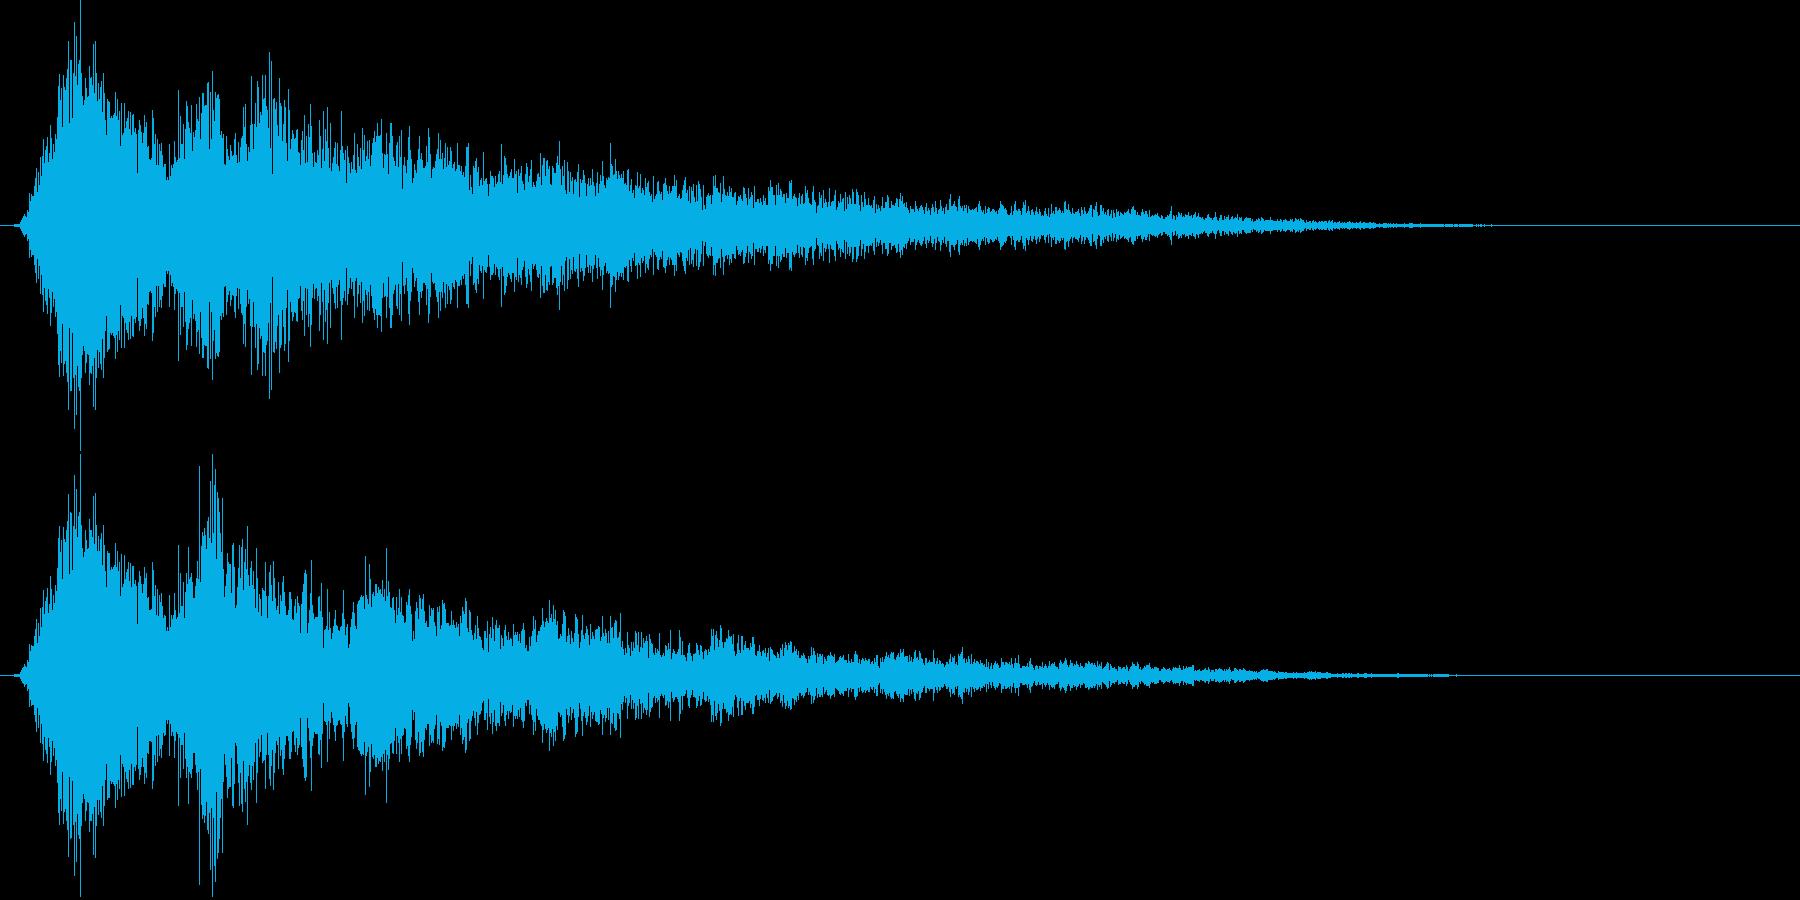 ピュンピュンピュン… (自機爆破)の再生済みの波形